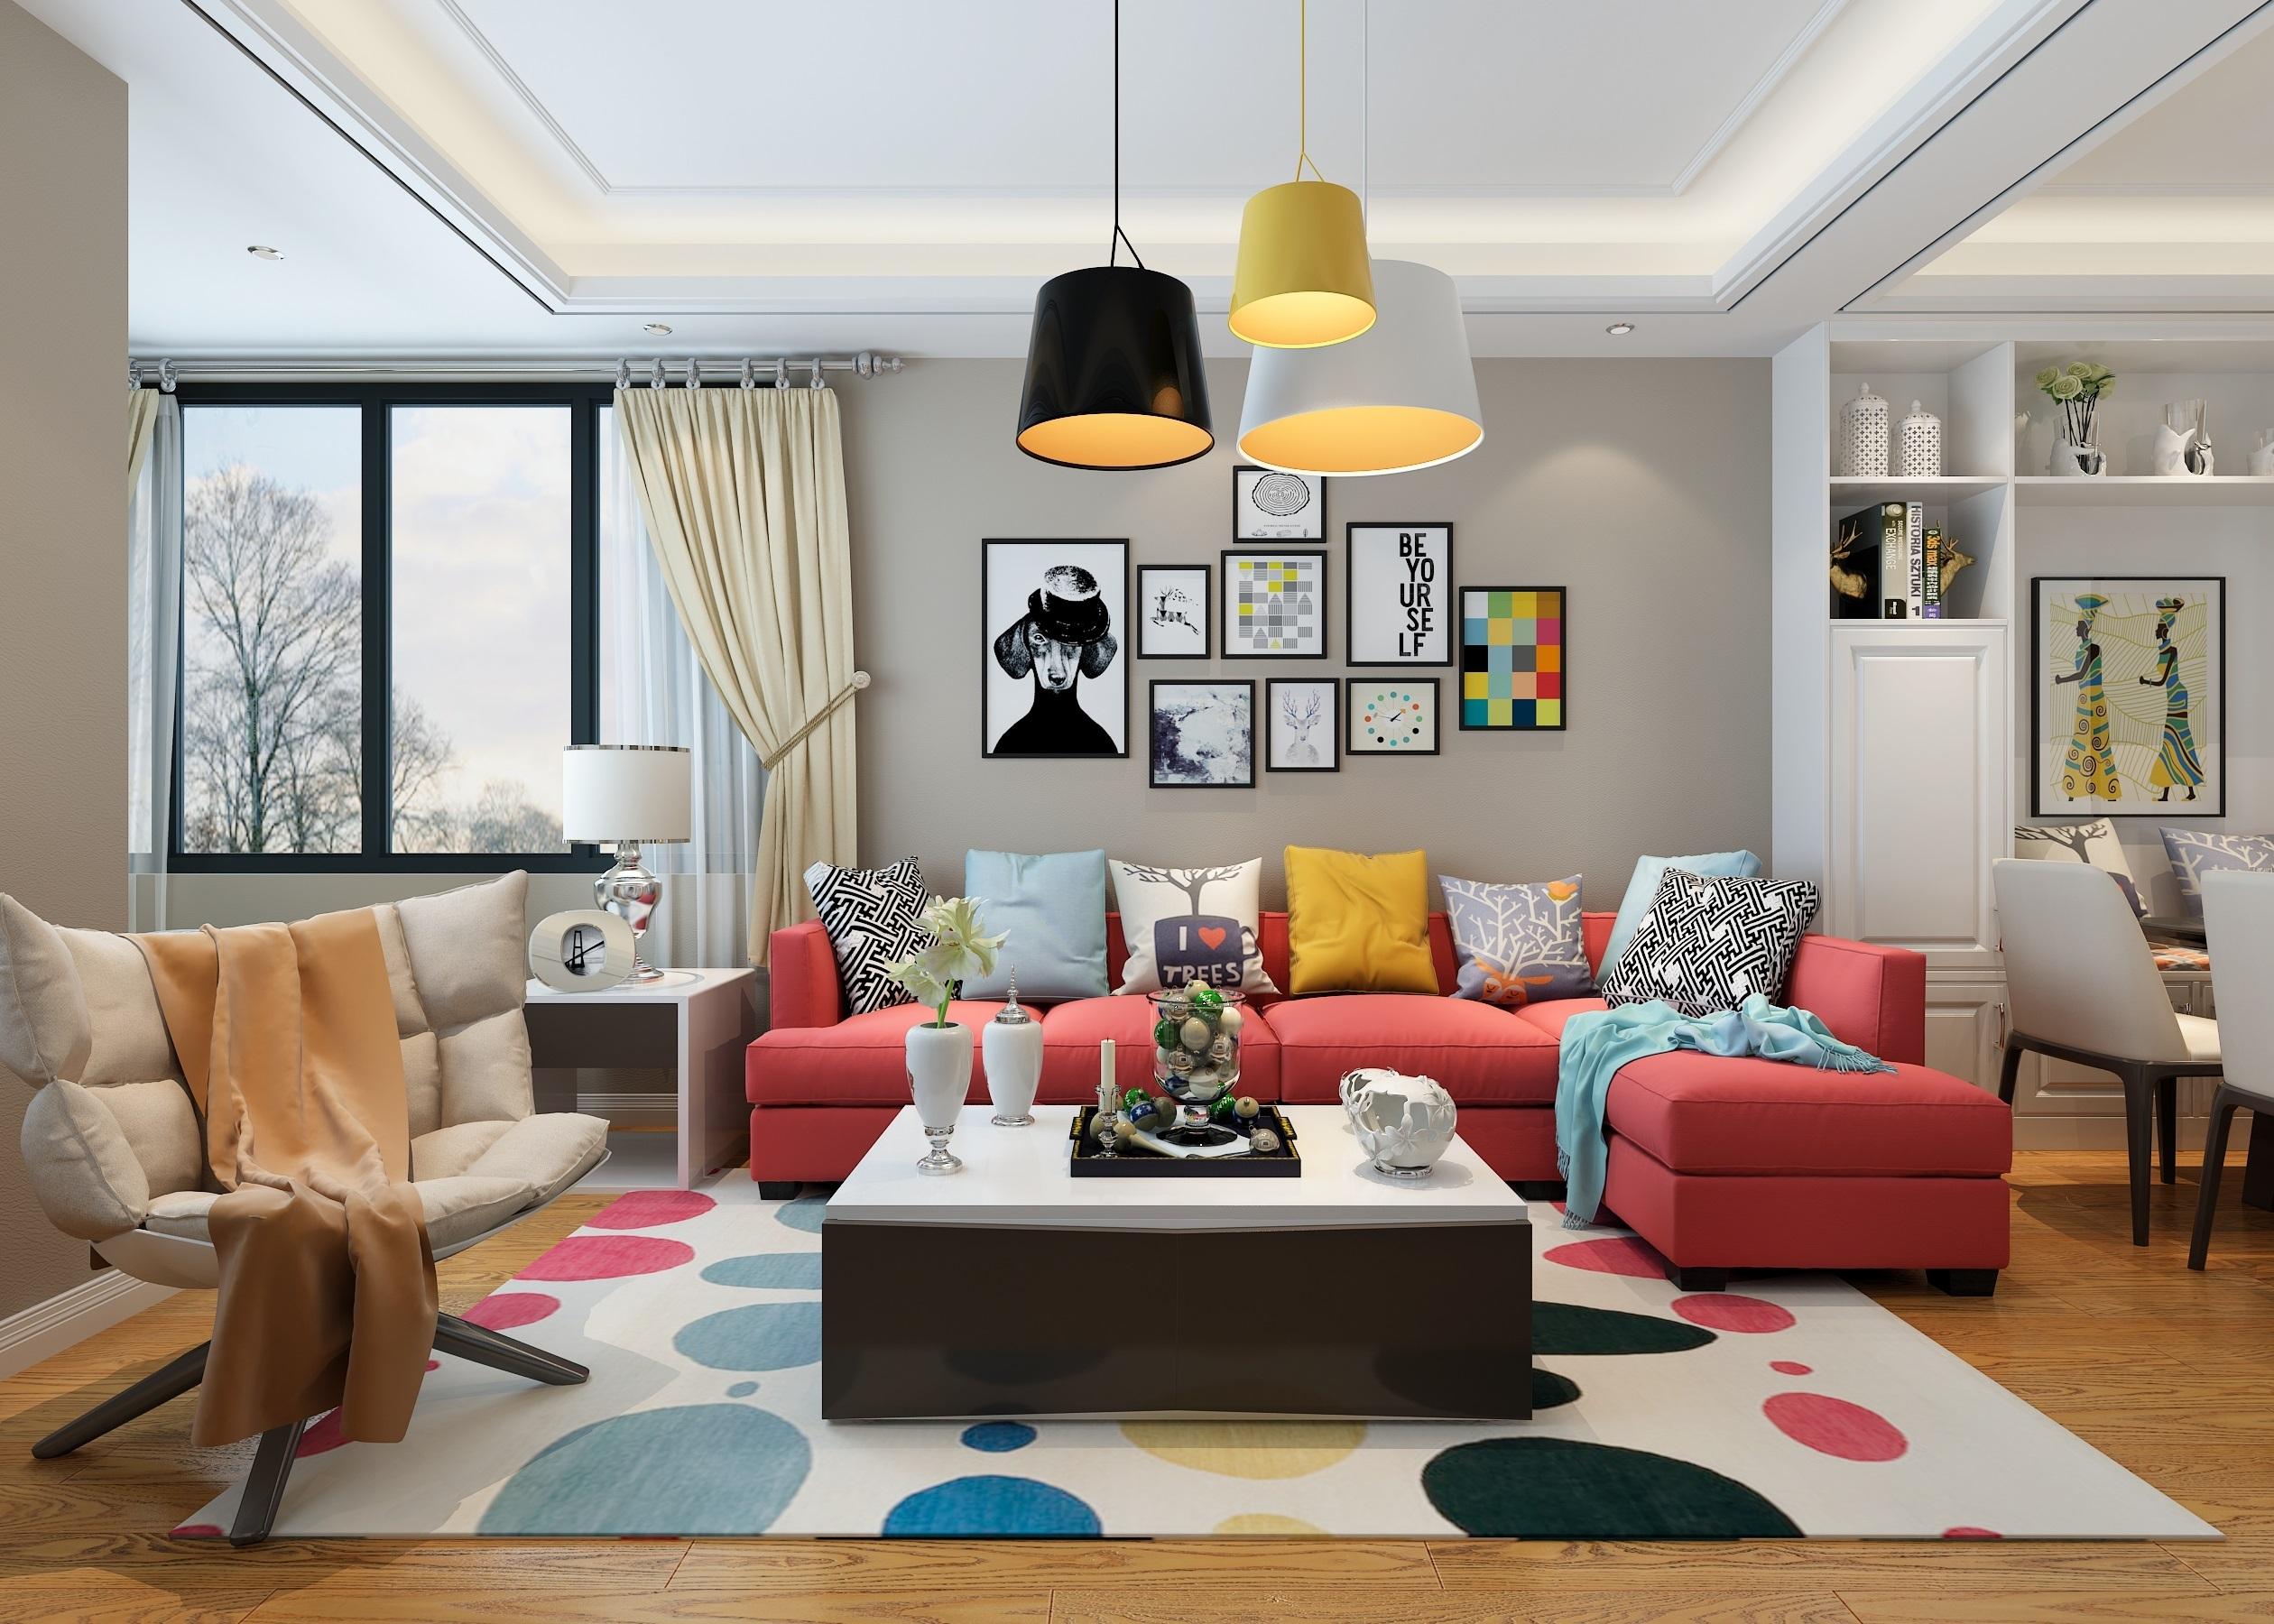 北欧风格|空间|室内设计|林悦室内设计 - 原创作品